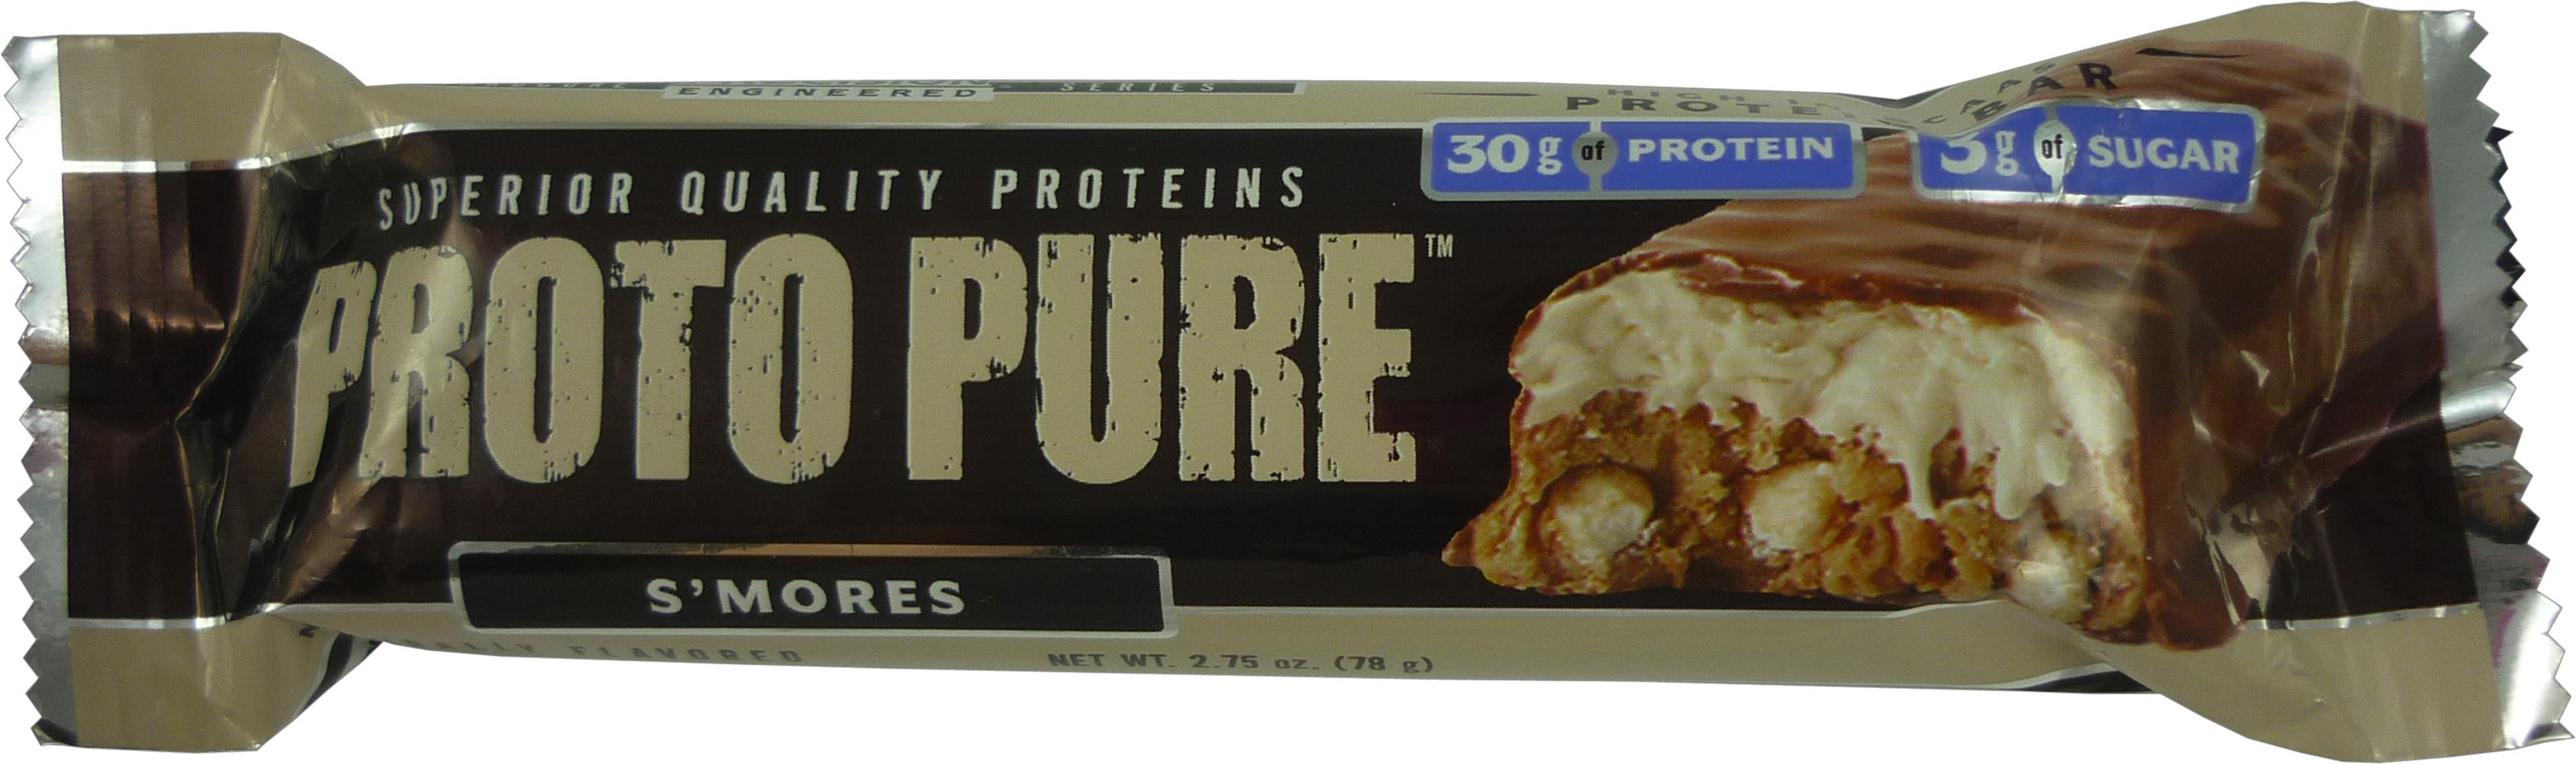 Proto Pure - S'mores